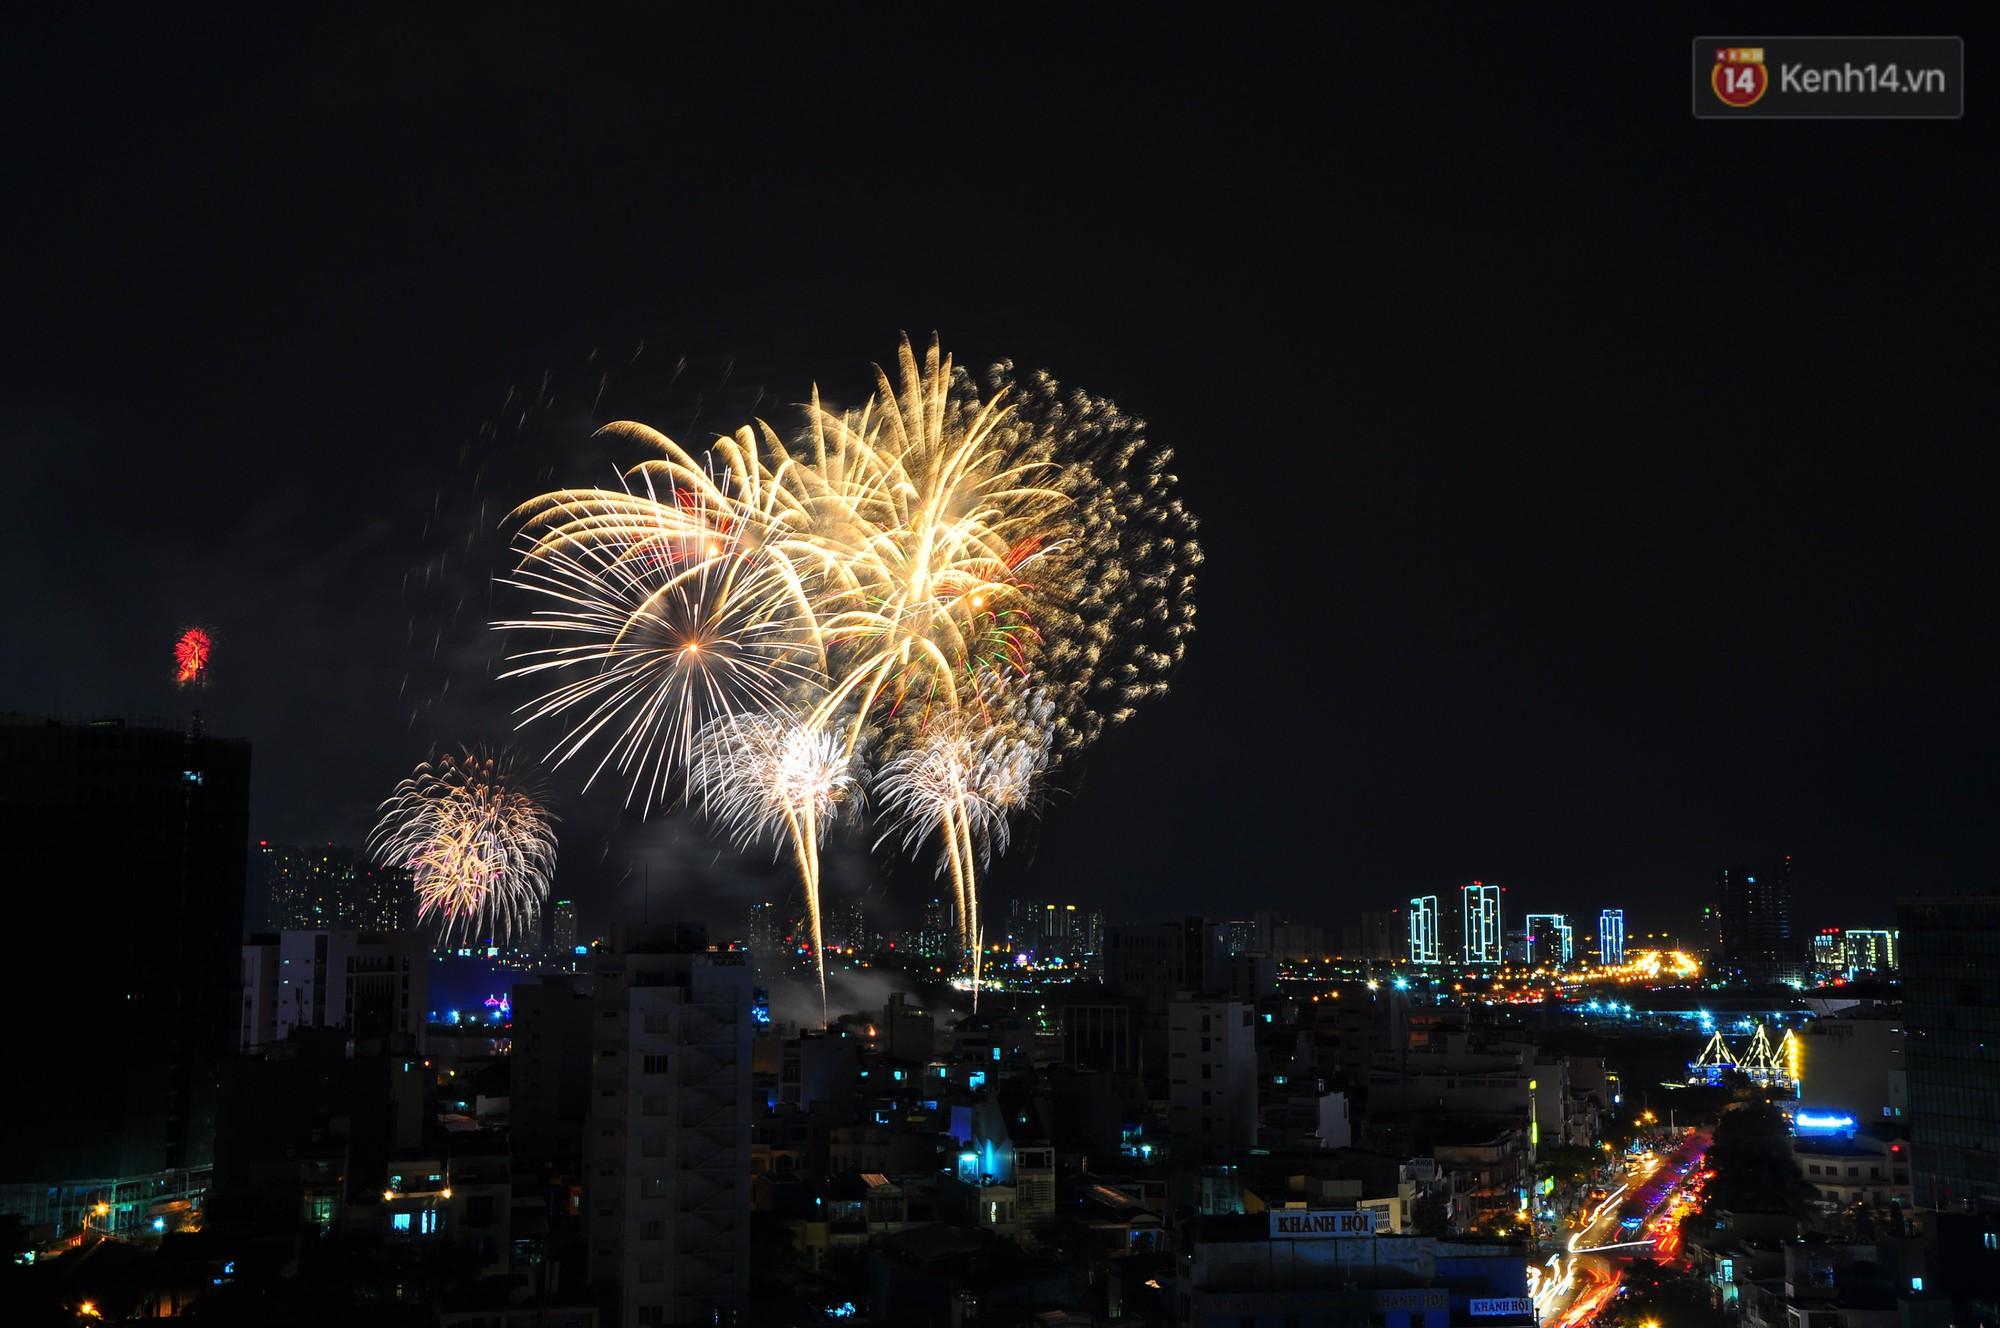 Loạt pháo hoa đẹp rực rỡ trên bầu trời Sài Gòn mừng 44 năm Giải phóng miền Nam thống nhất đất nước - Ảnh 8.